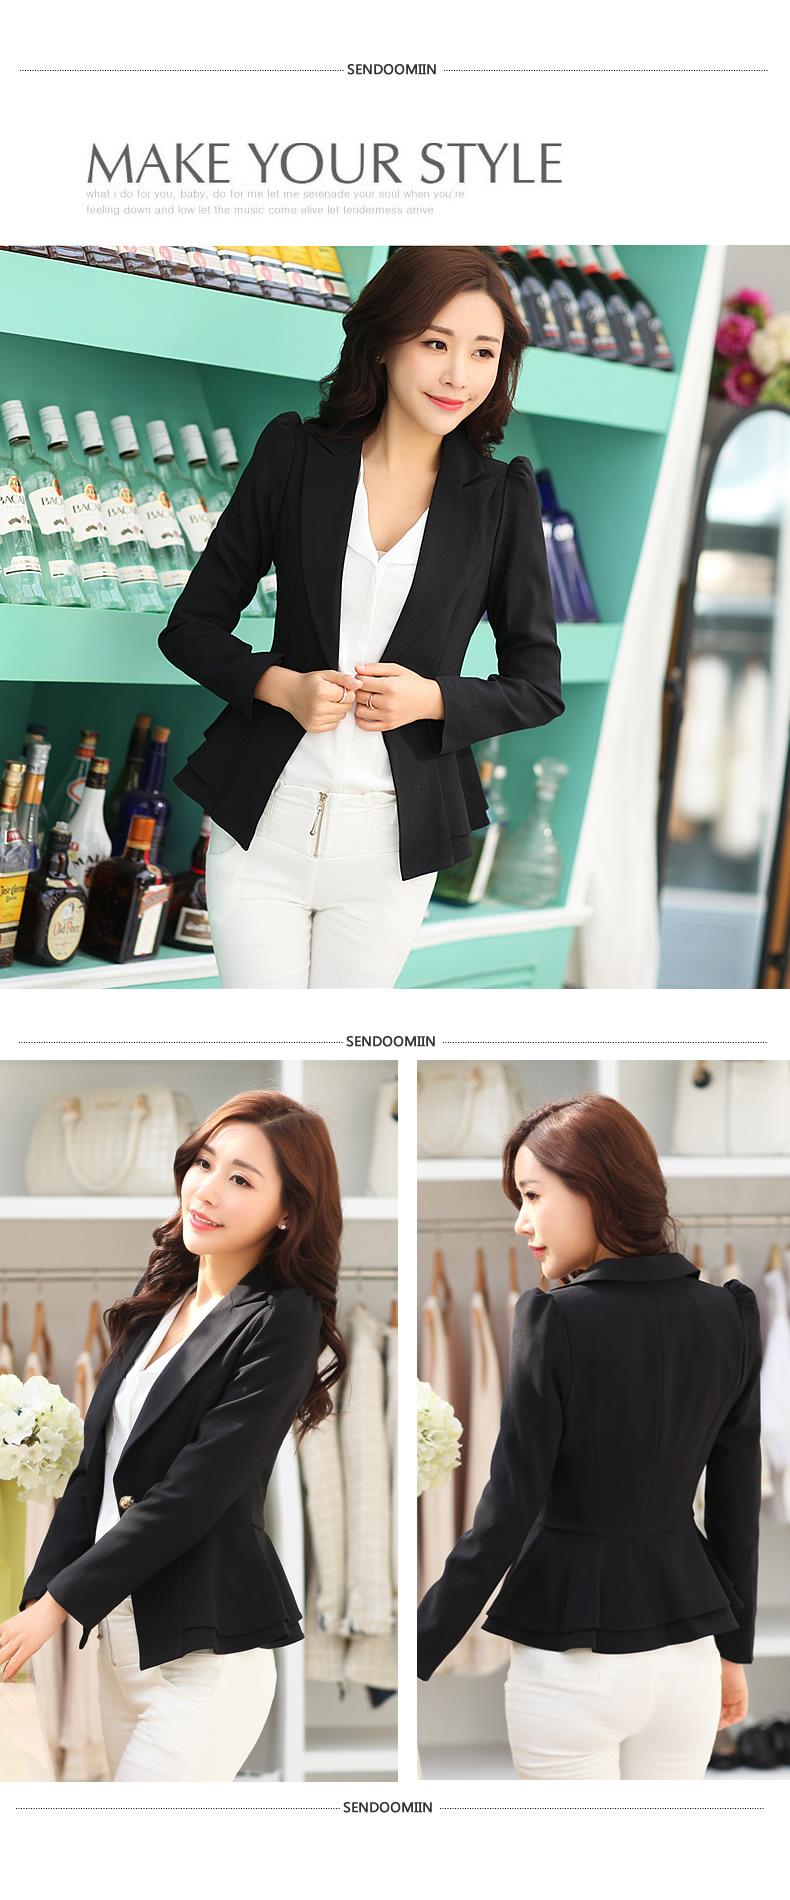 เสื้อสูททำงานผู้หญิงสีดำ ทรงสวย ชายเสื้อแต่งระบายสองชั้น น่ารัก